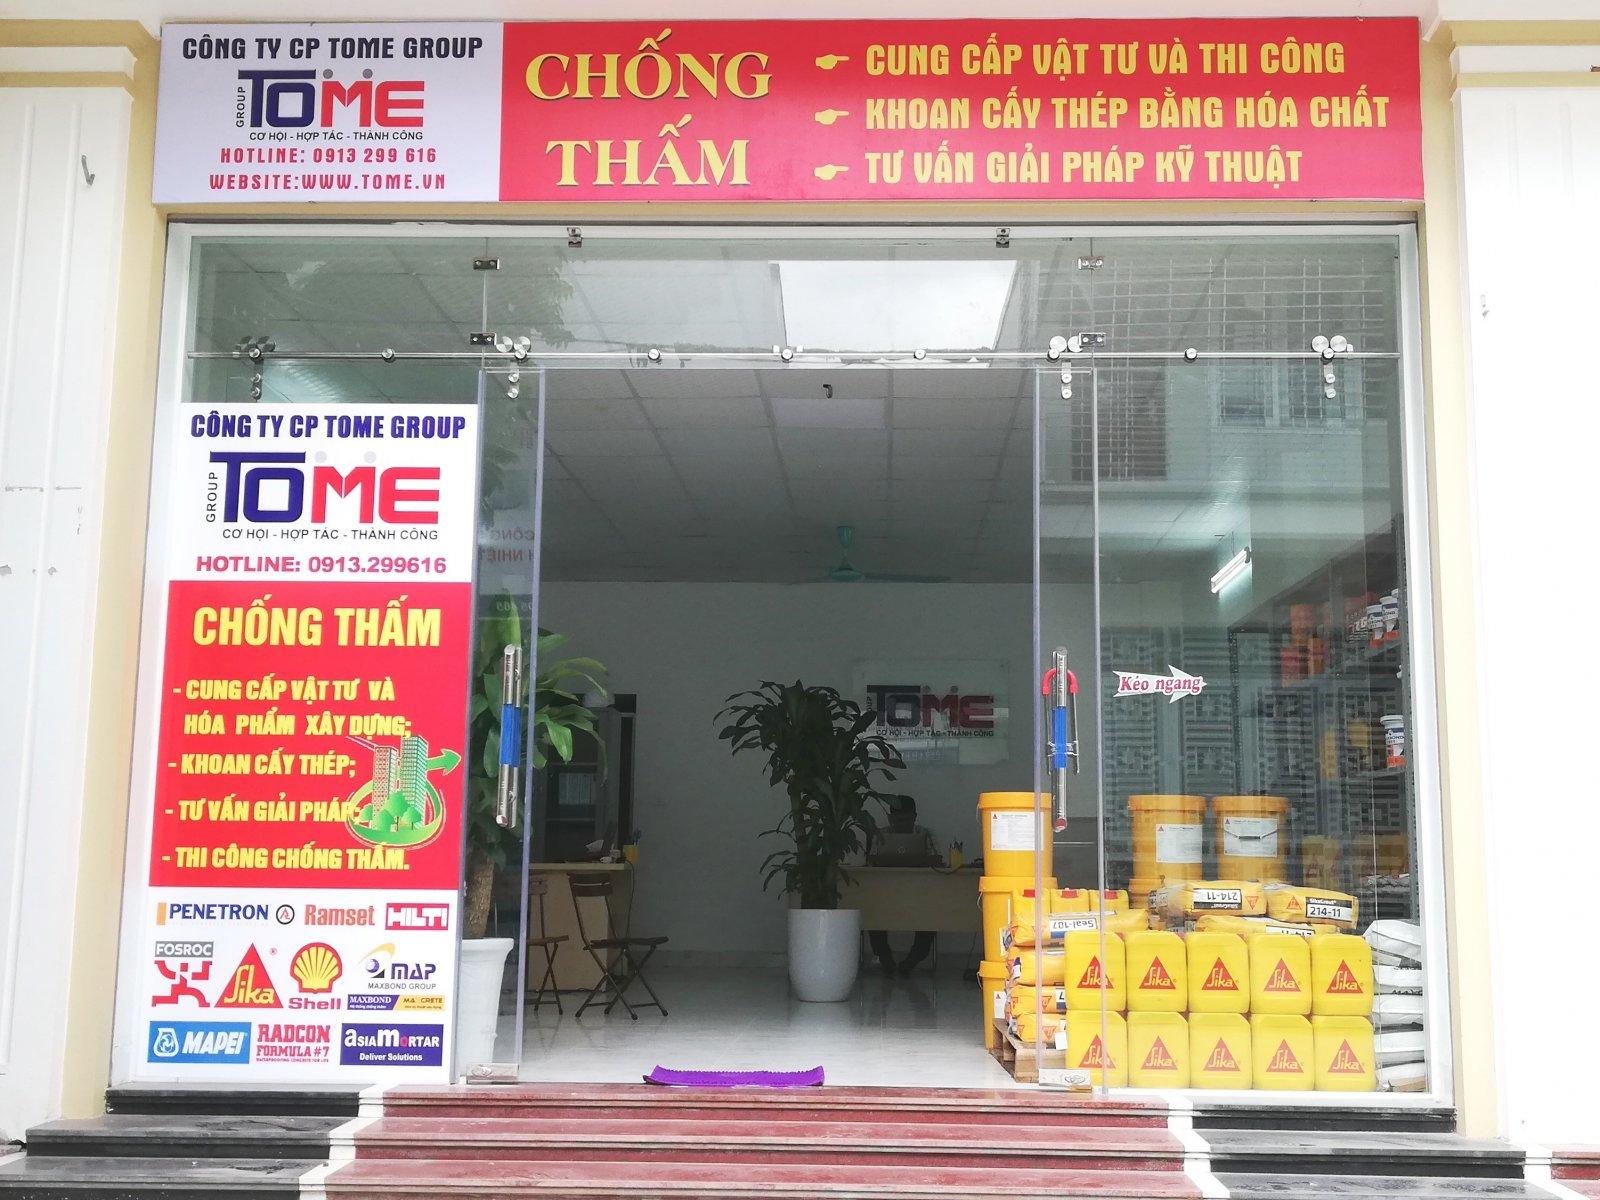 Khai trương showroom tại địa chỉ Lô DM6-1, Khu tiểu thủ công nghiệp làng nghề Vạn Phúc, phường Vạn Phúc, quận Hà Đông, TP.Hà Nội